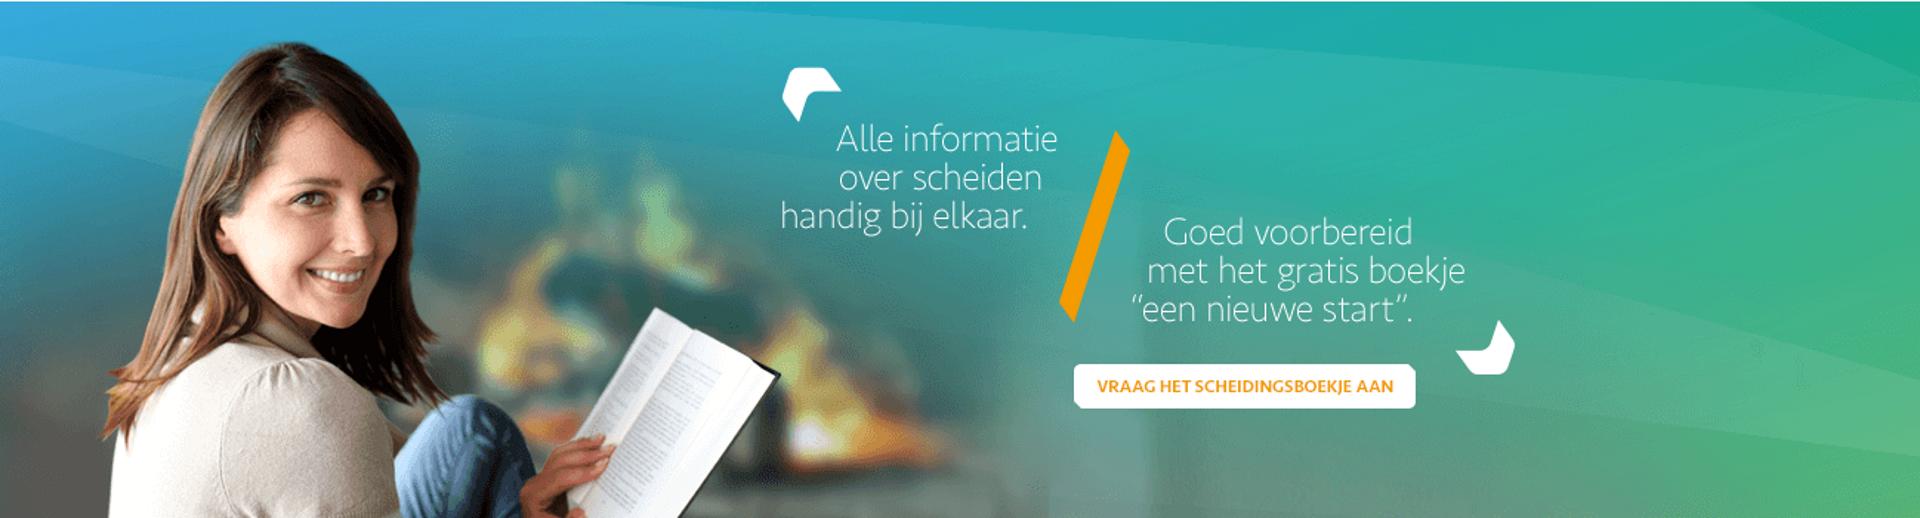 Goed voorbereid met het gratis scheidingsboekje Financieel advies bij uw scheiding - Scheidingsplanner Midden-Nederland